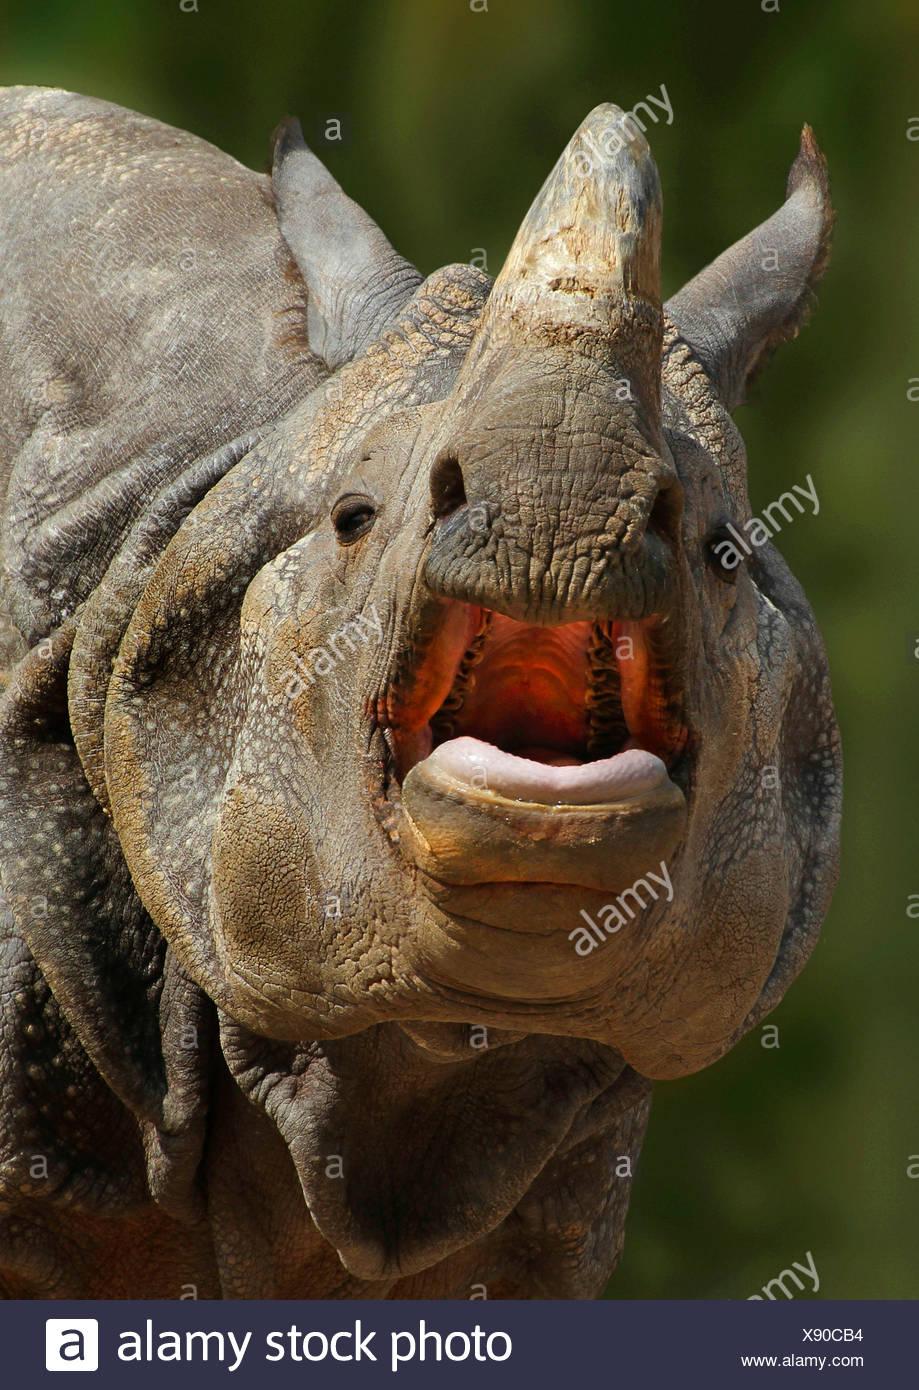 Größere Panzernashorn, Great Indian One gehörnten Nashorn (Rhinoceros Unicornis), Portrait mit Mund offen, Indien Stockbild